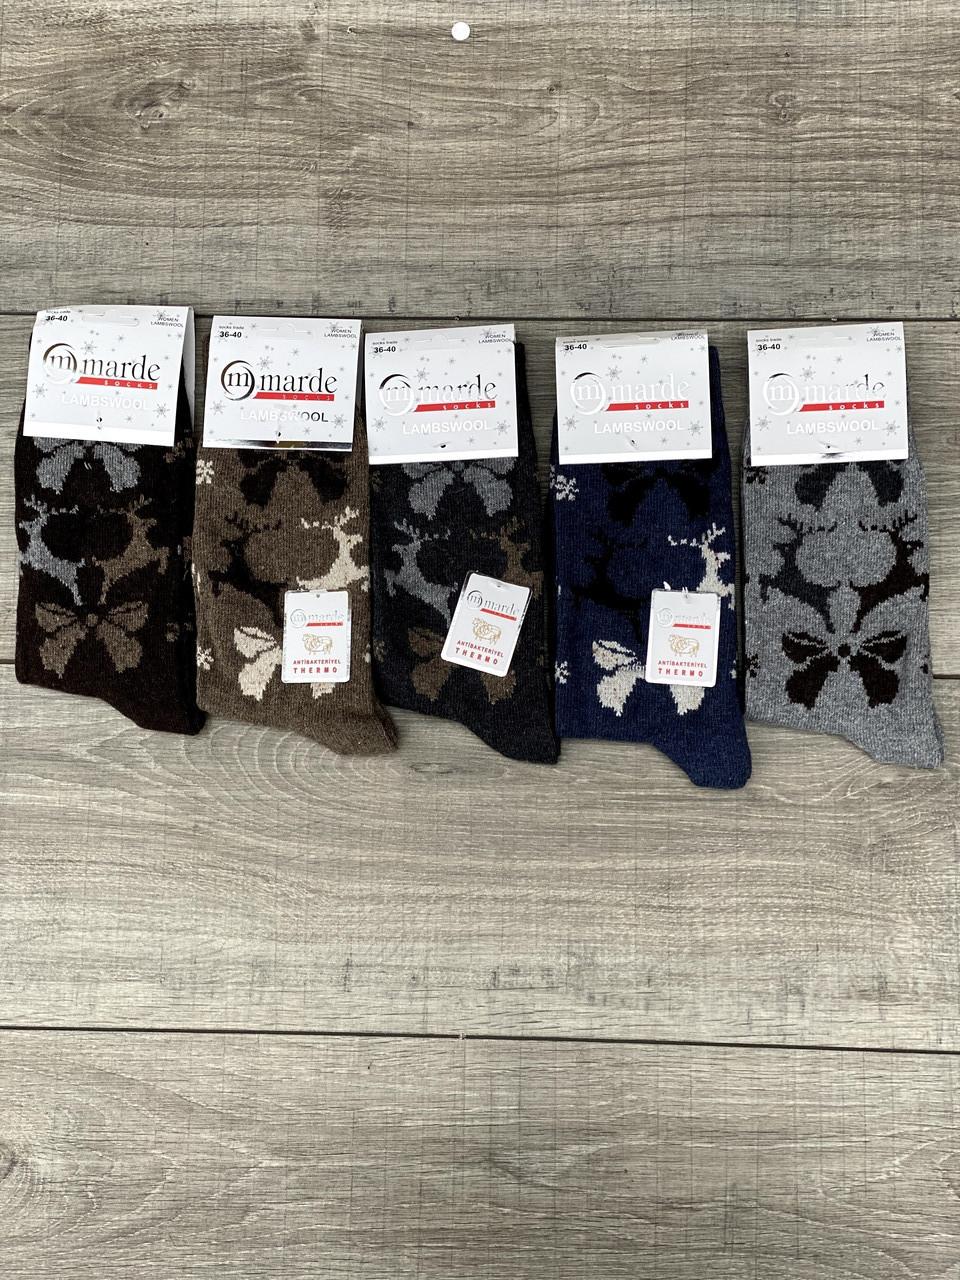 Теплі жіночі високі шкарпетки Marde з тоненької шерсті з новорічним візерунком мікс кол р 36-40